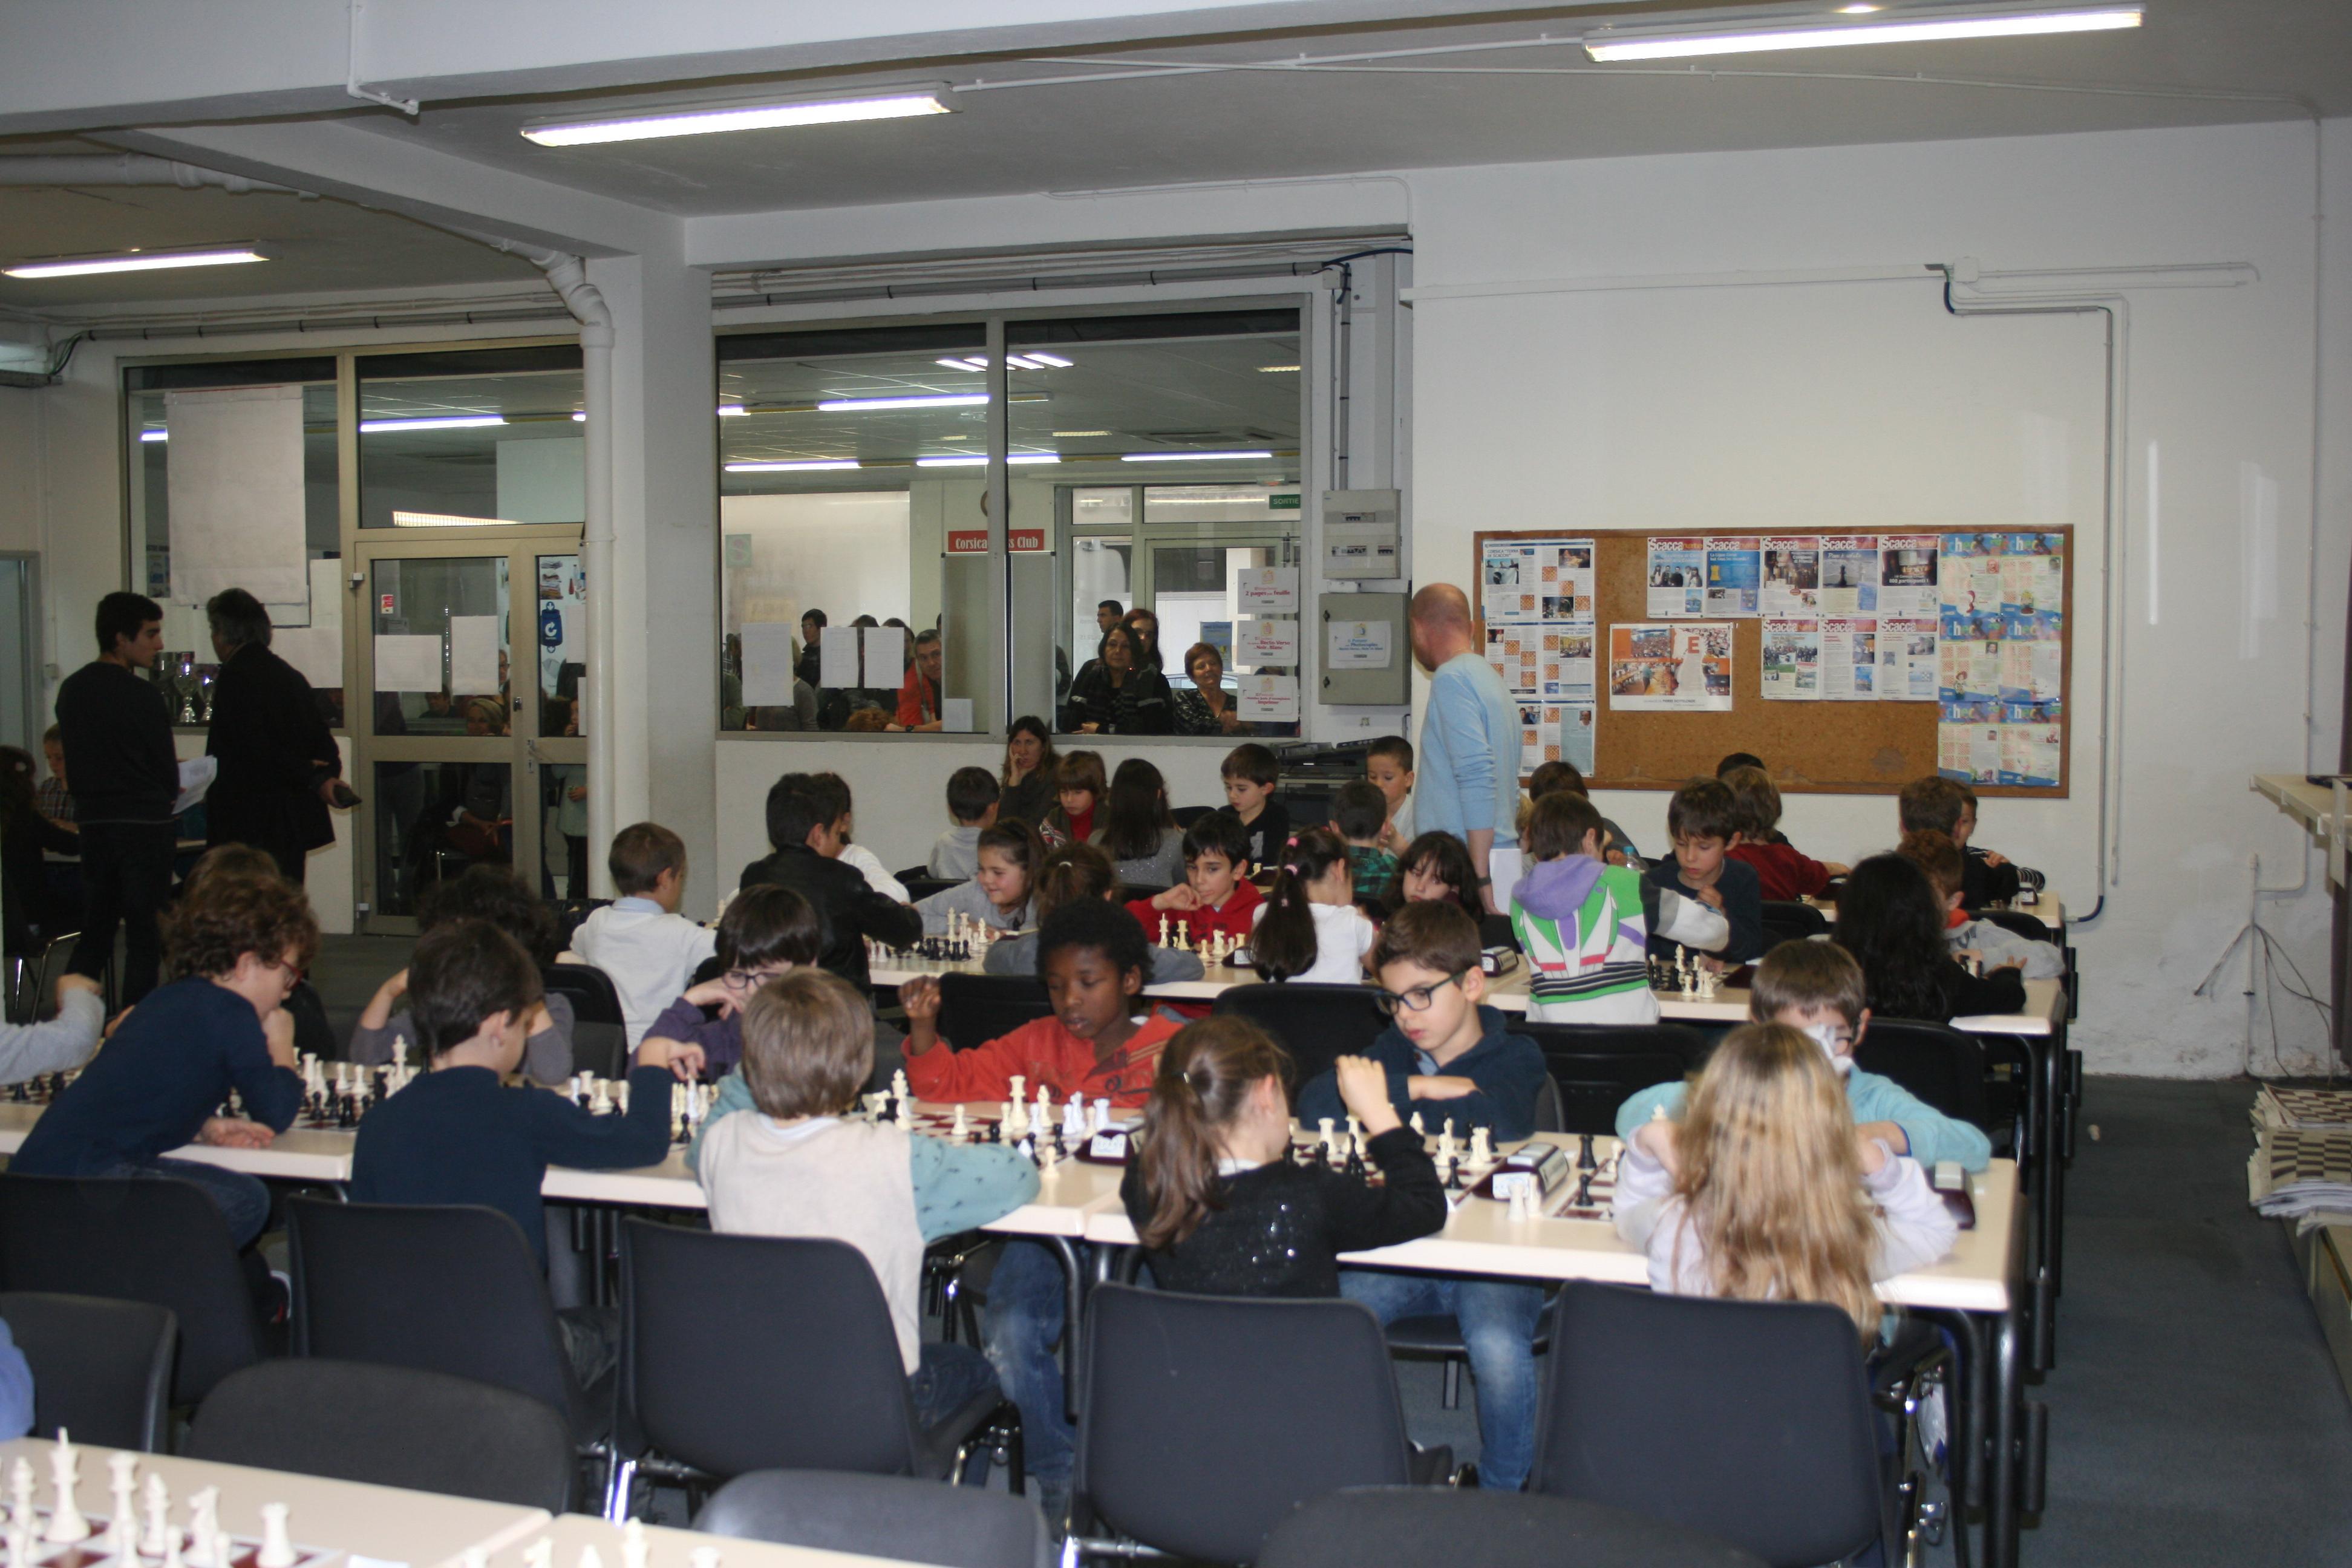 Bastia : A casa di i scacchi bat son record